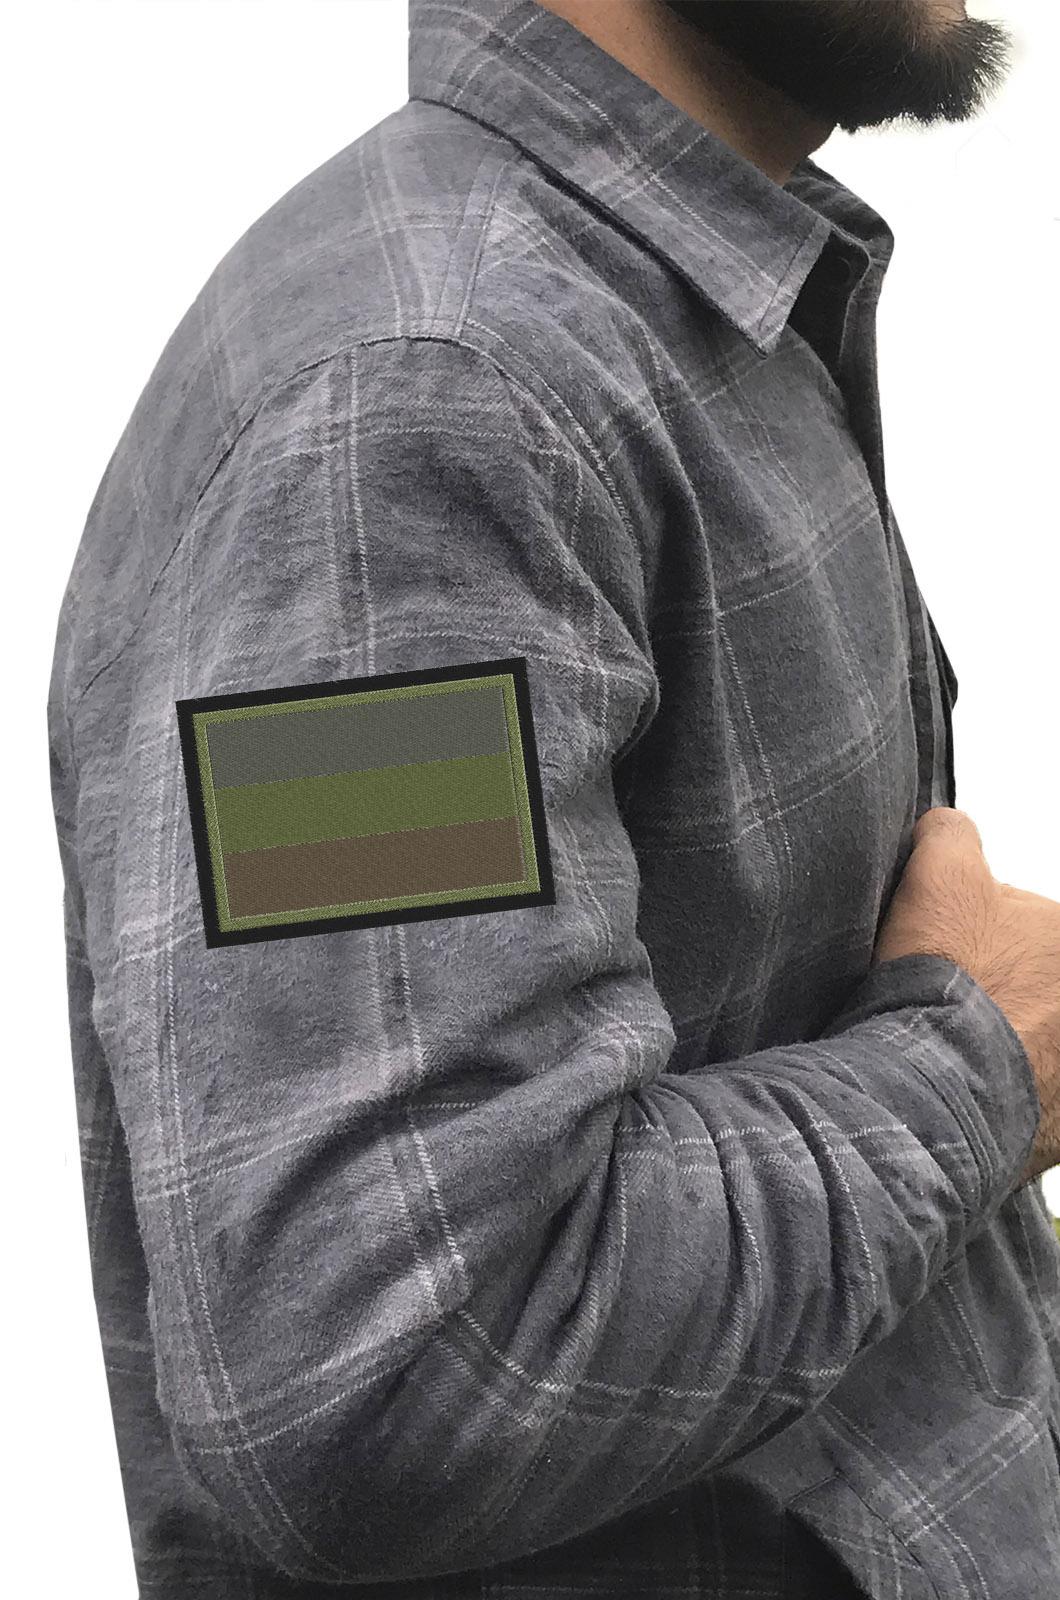 Рубашка мужская с вышитым темным полевым шевроном Россия - купить онлайн